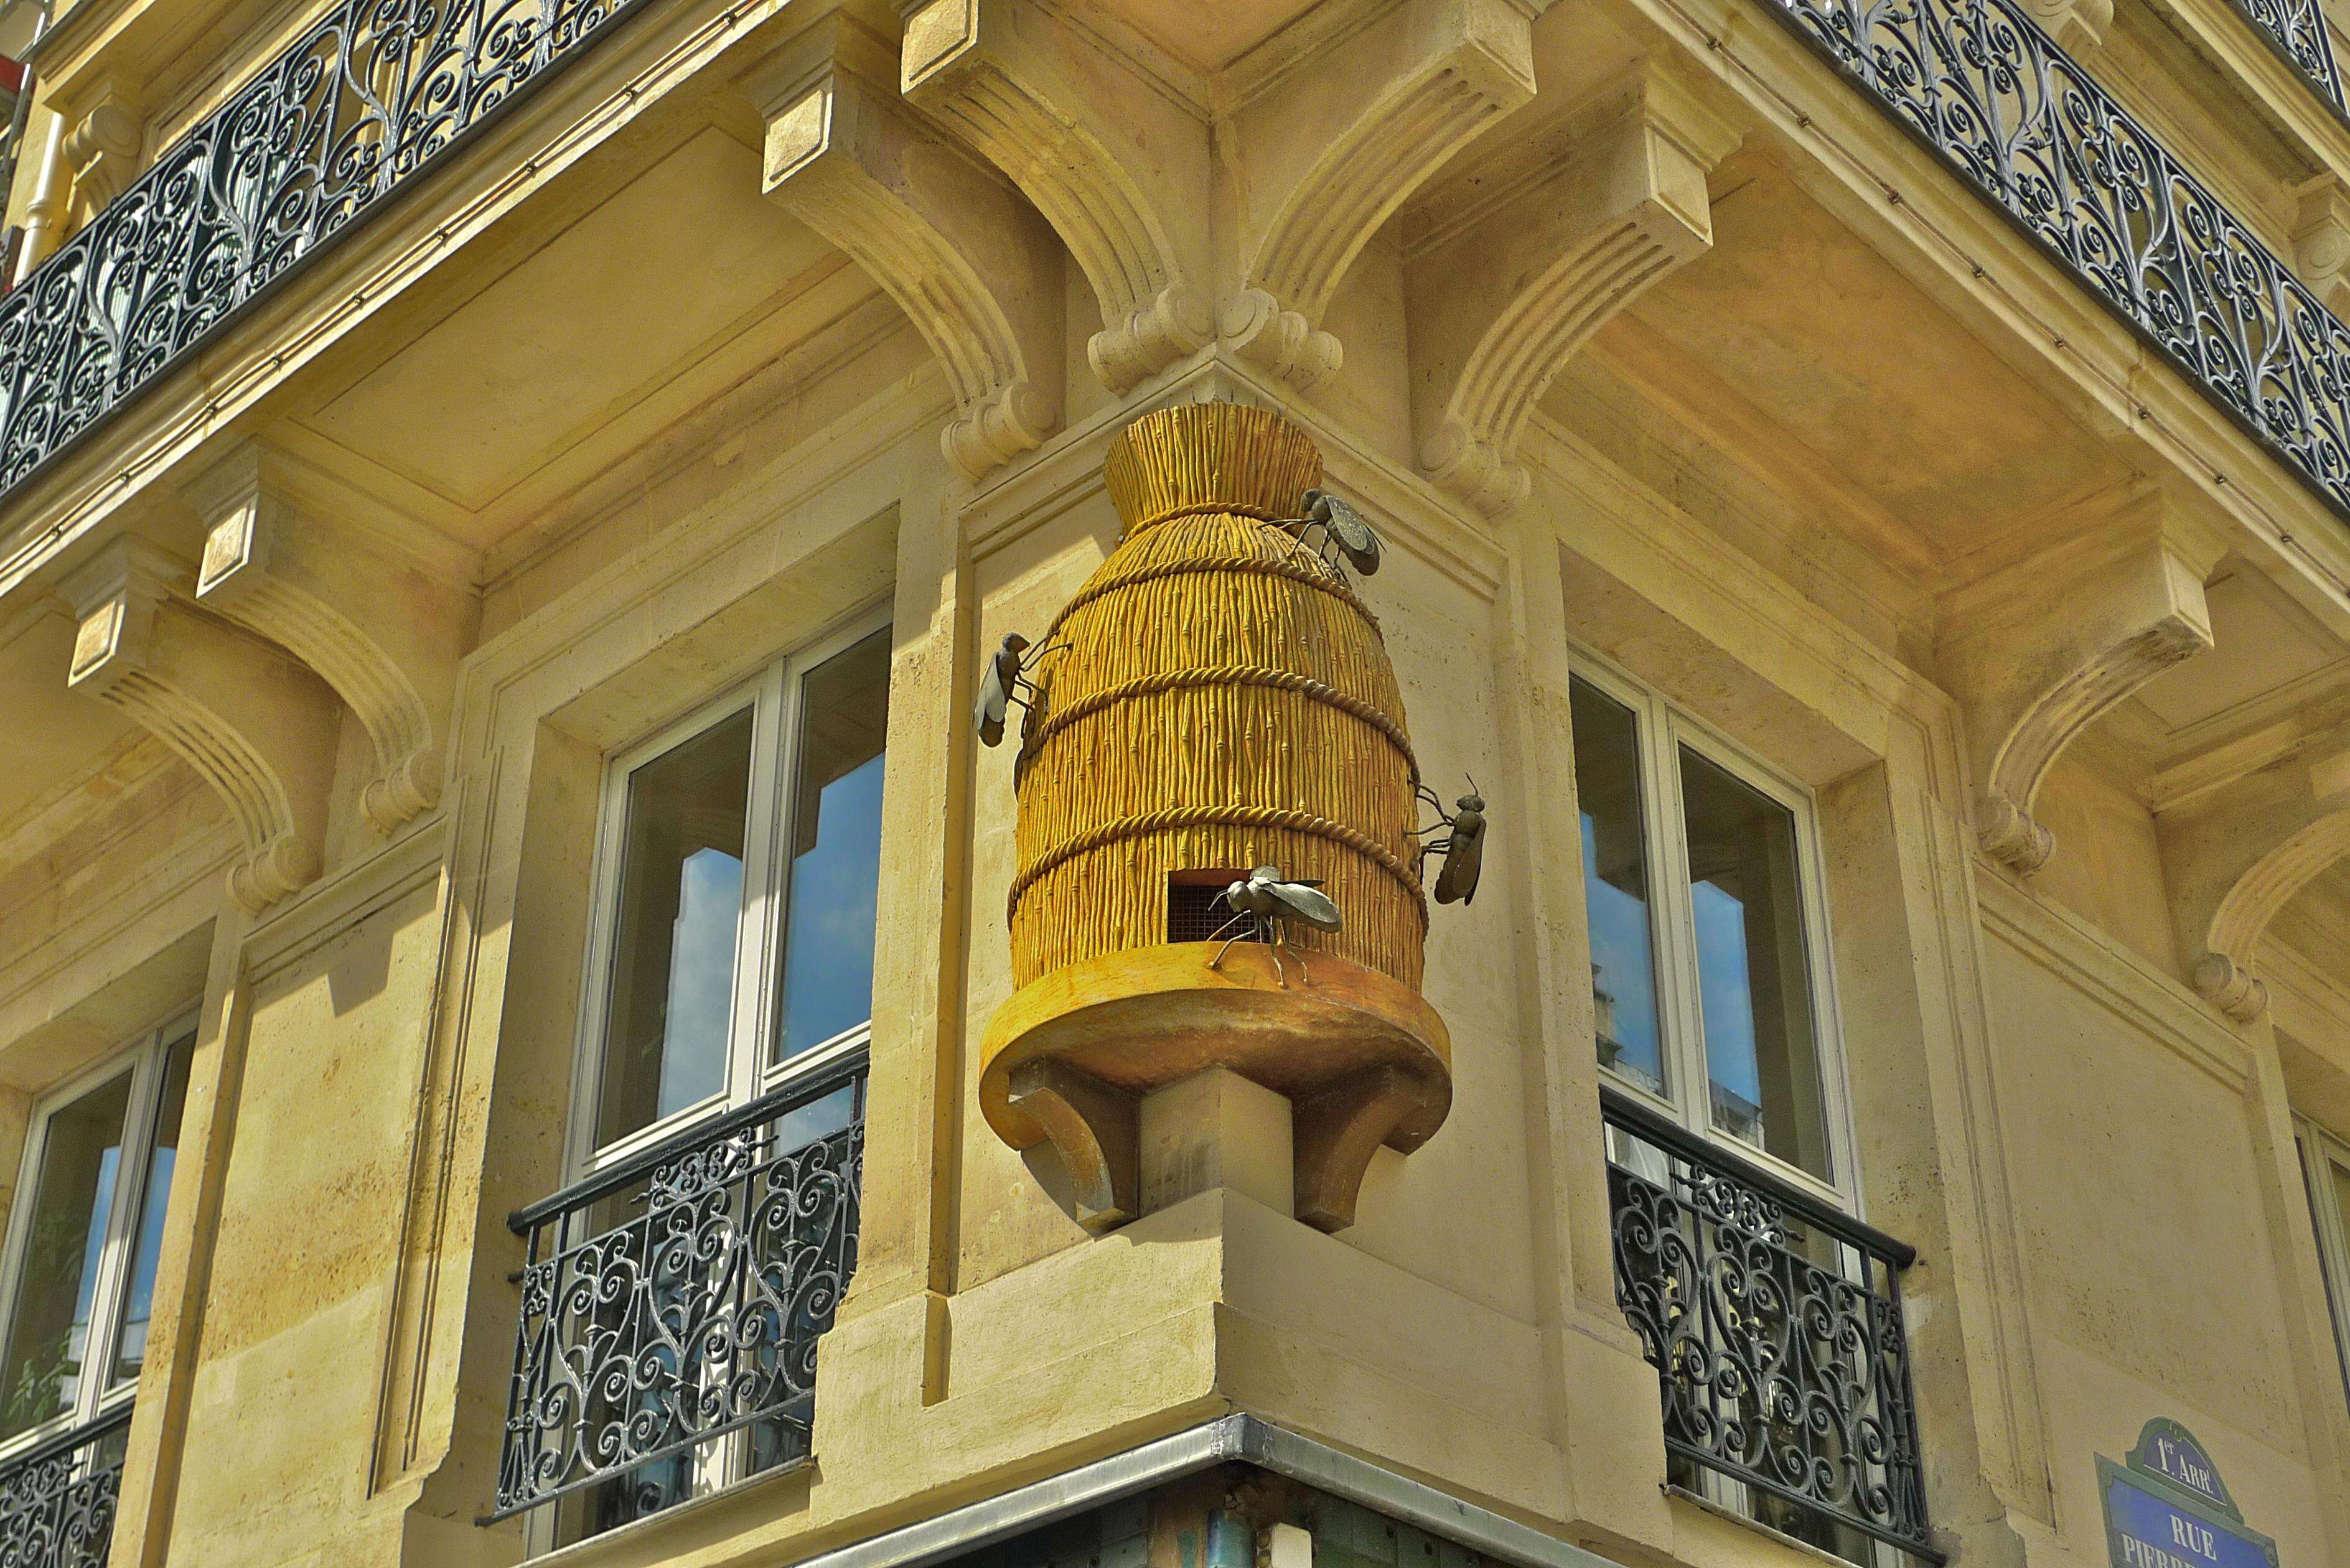 Rue rambuteau soundlandscapes 39 blog - Rue rambuteau paris ...